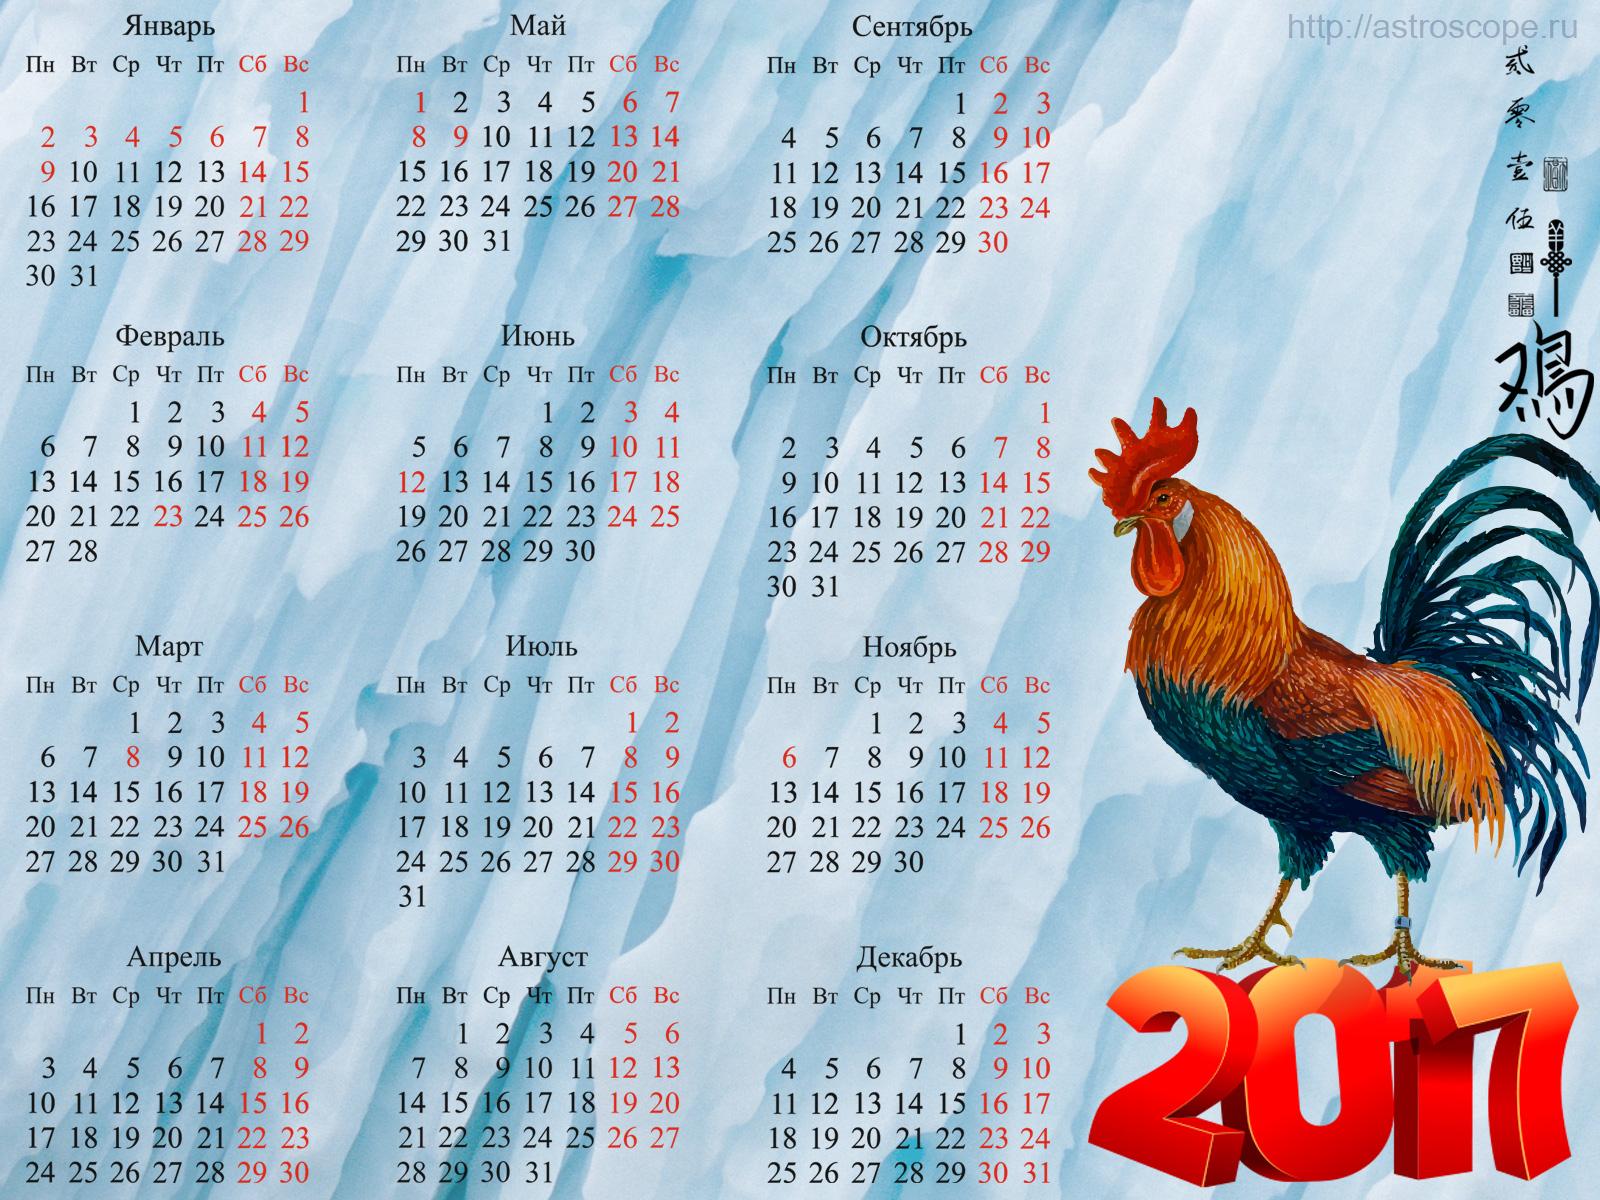 Праздники россии в августе 2012 года